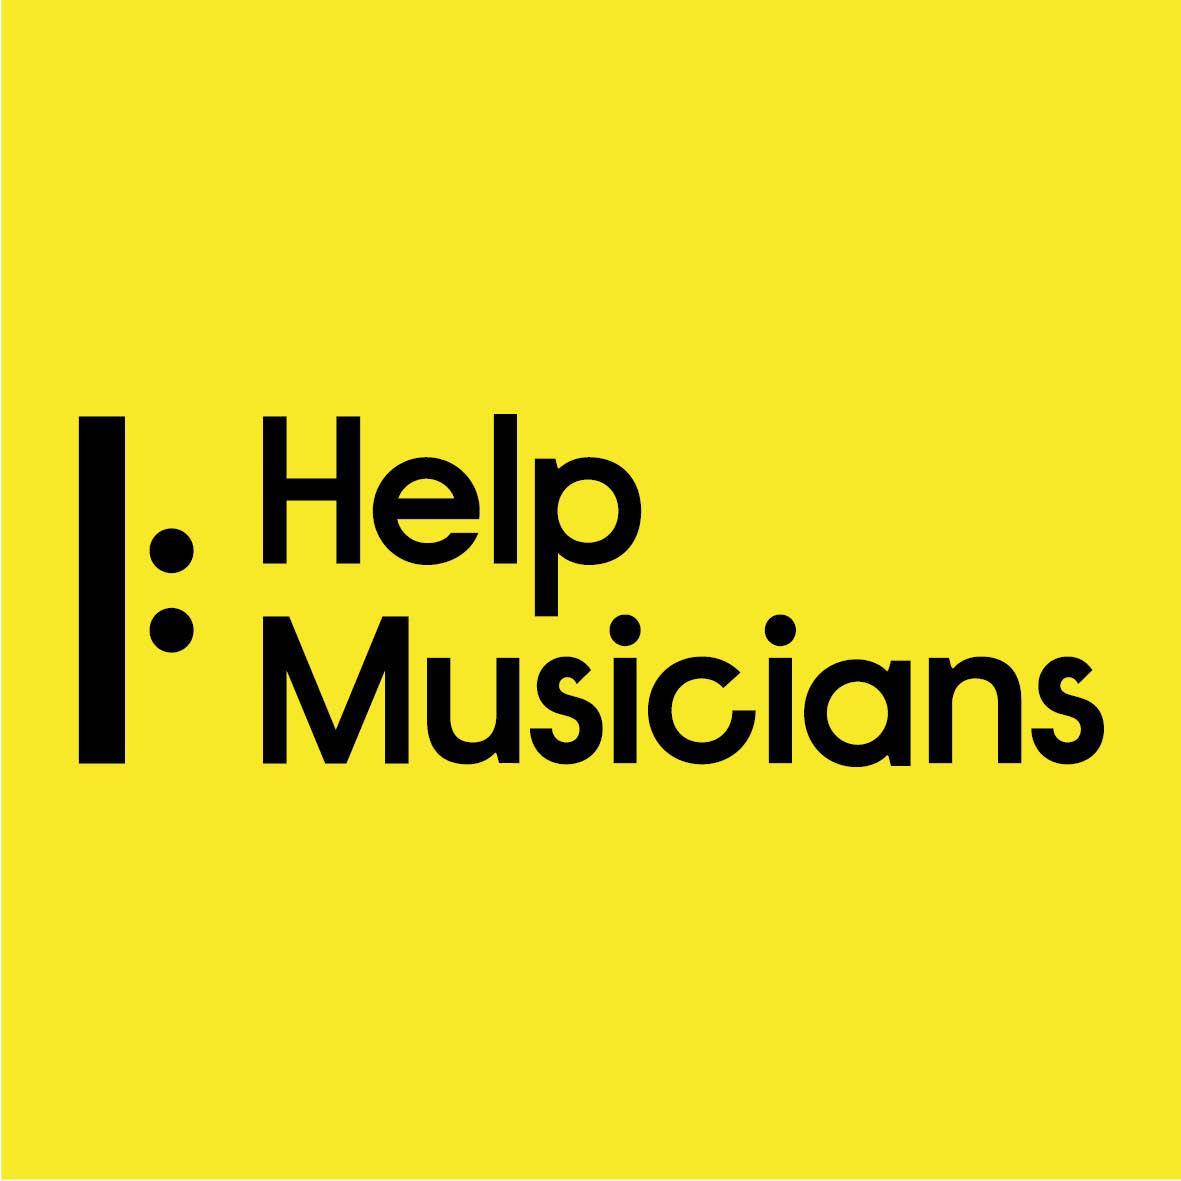 #MusicMustNotStop